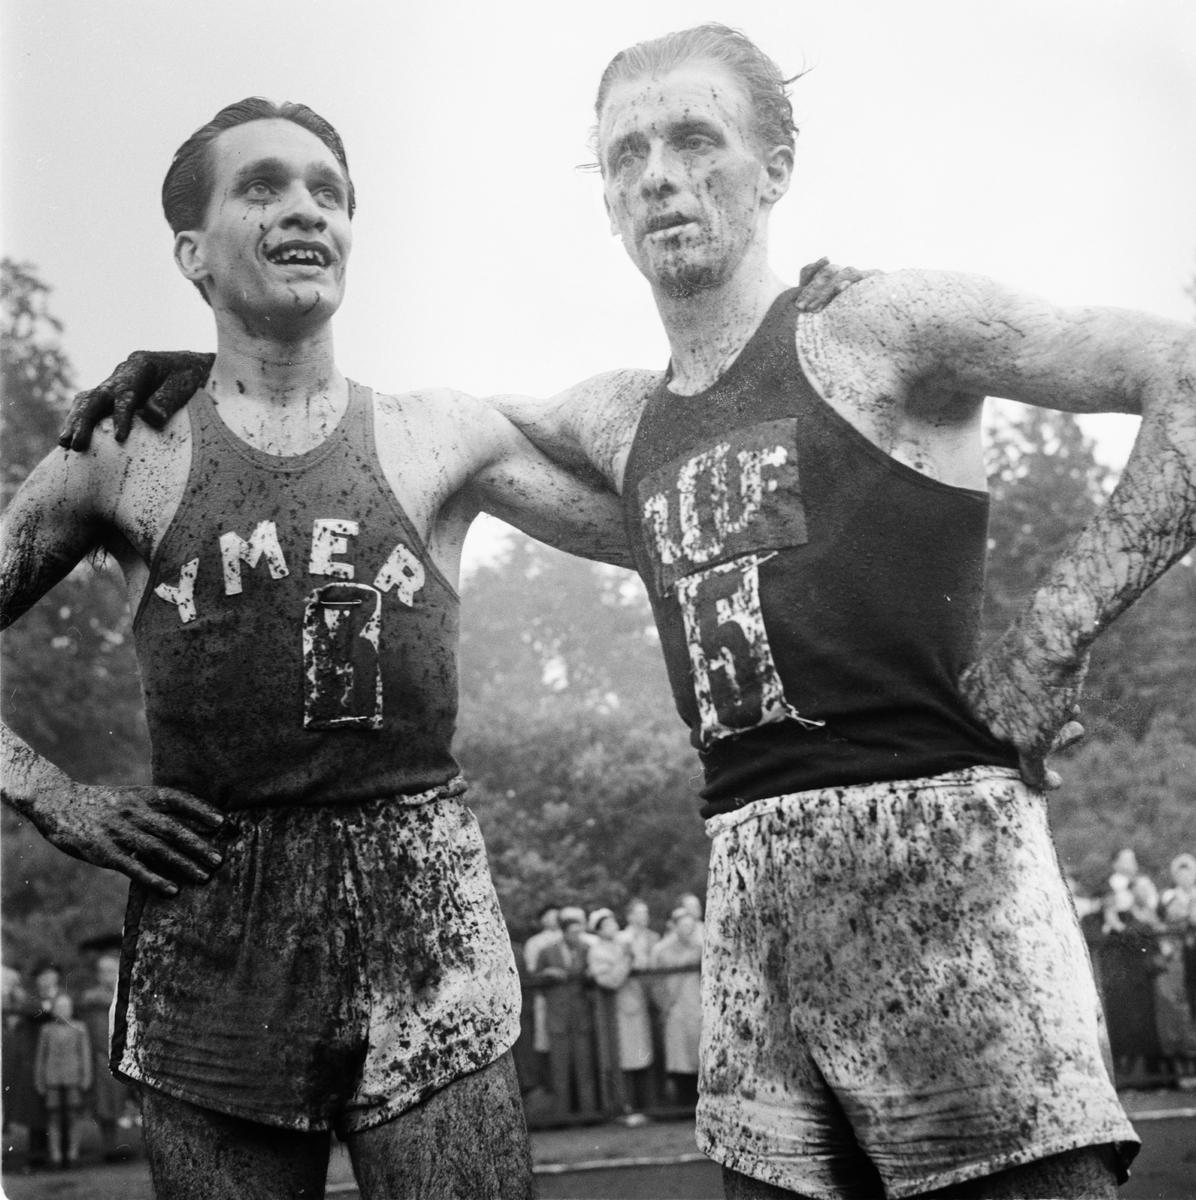 Gösta Jacobsson och Bertil Albertsson efter 10 000-metersloppet på Studenternas Idrottsplats